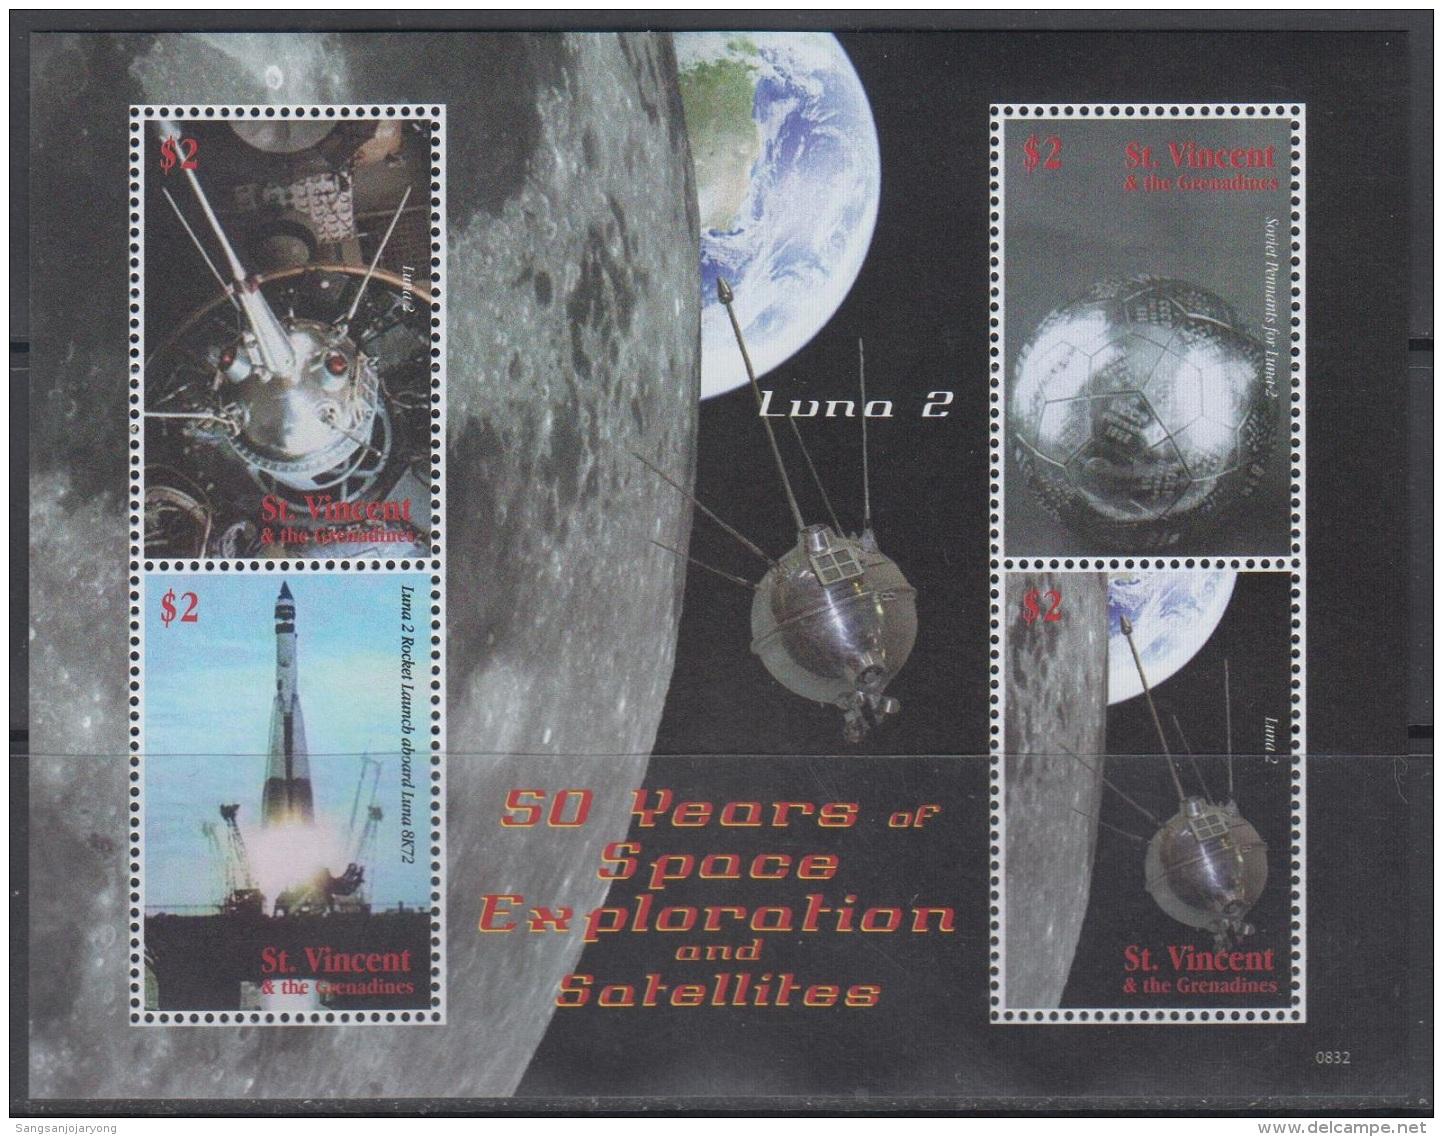 Sheet II, St. Vincent Sc3644 Space Exploration, Satellite, Luna 2, Rocket, Espace - Space